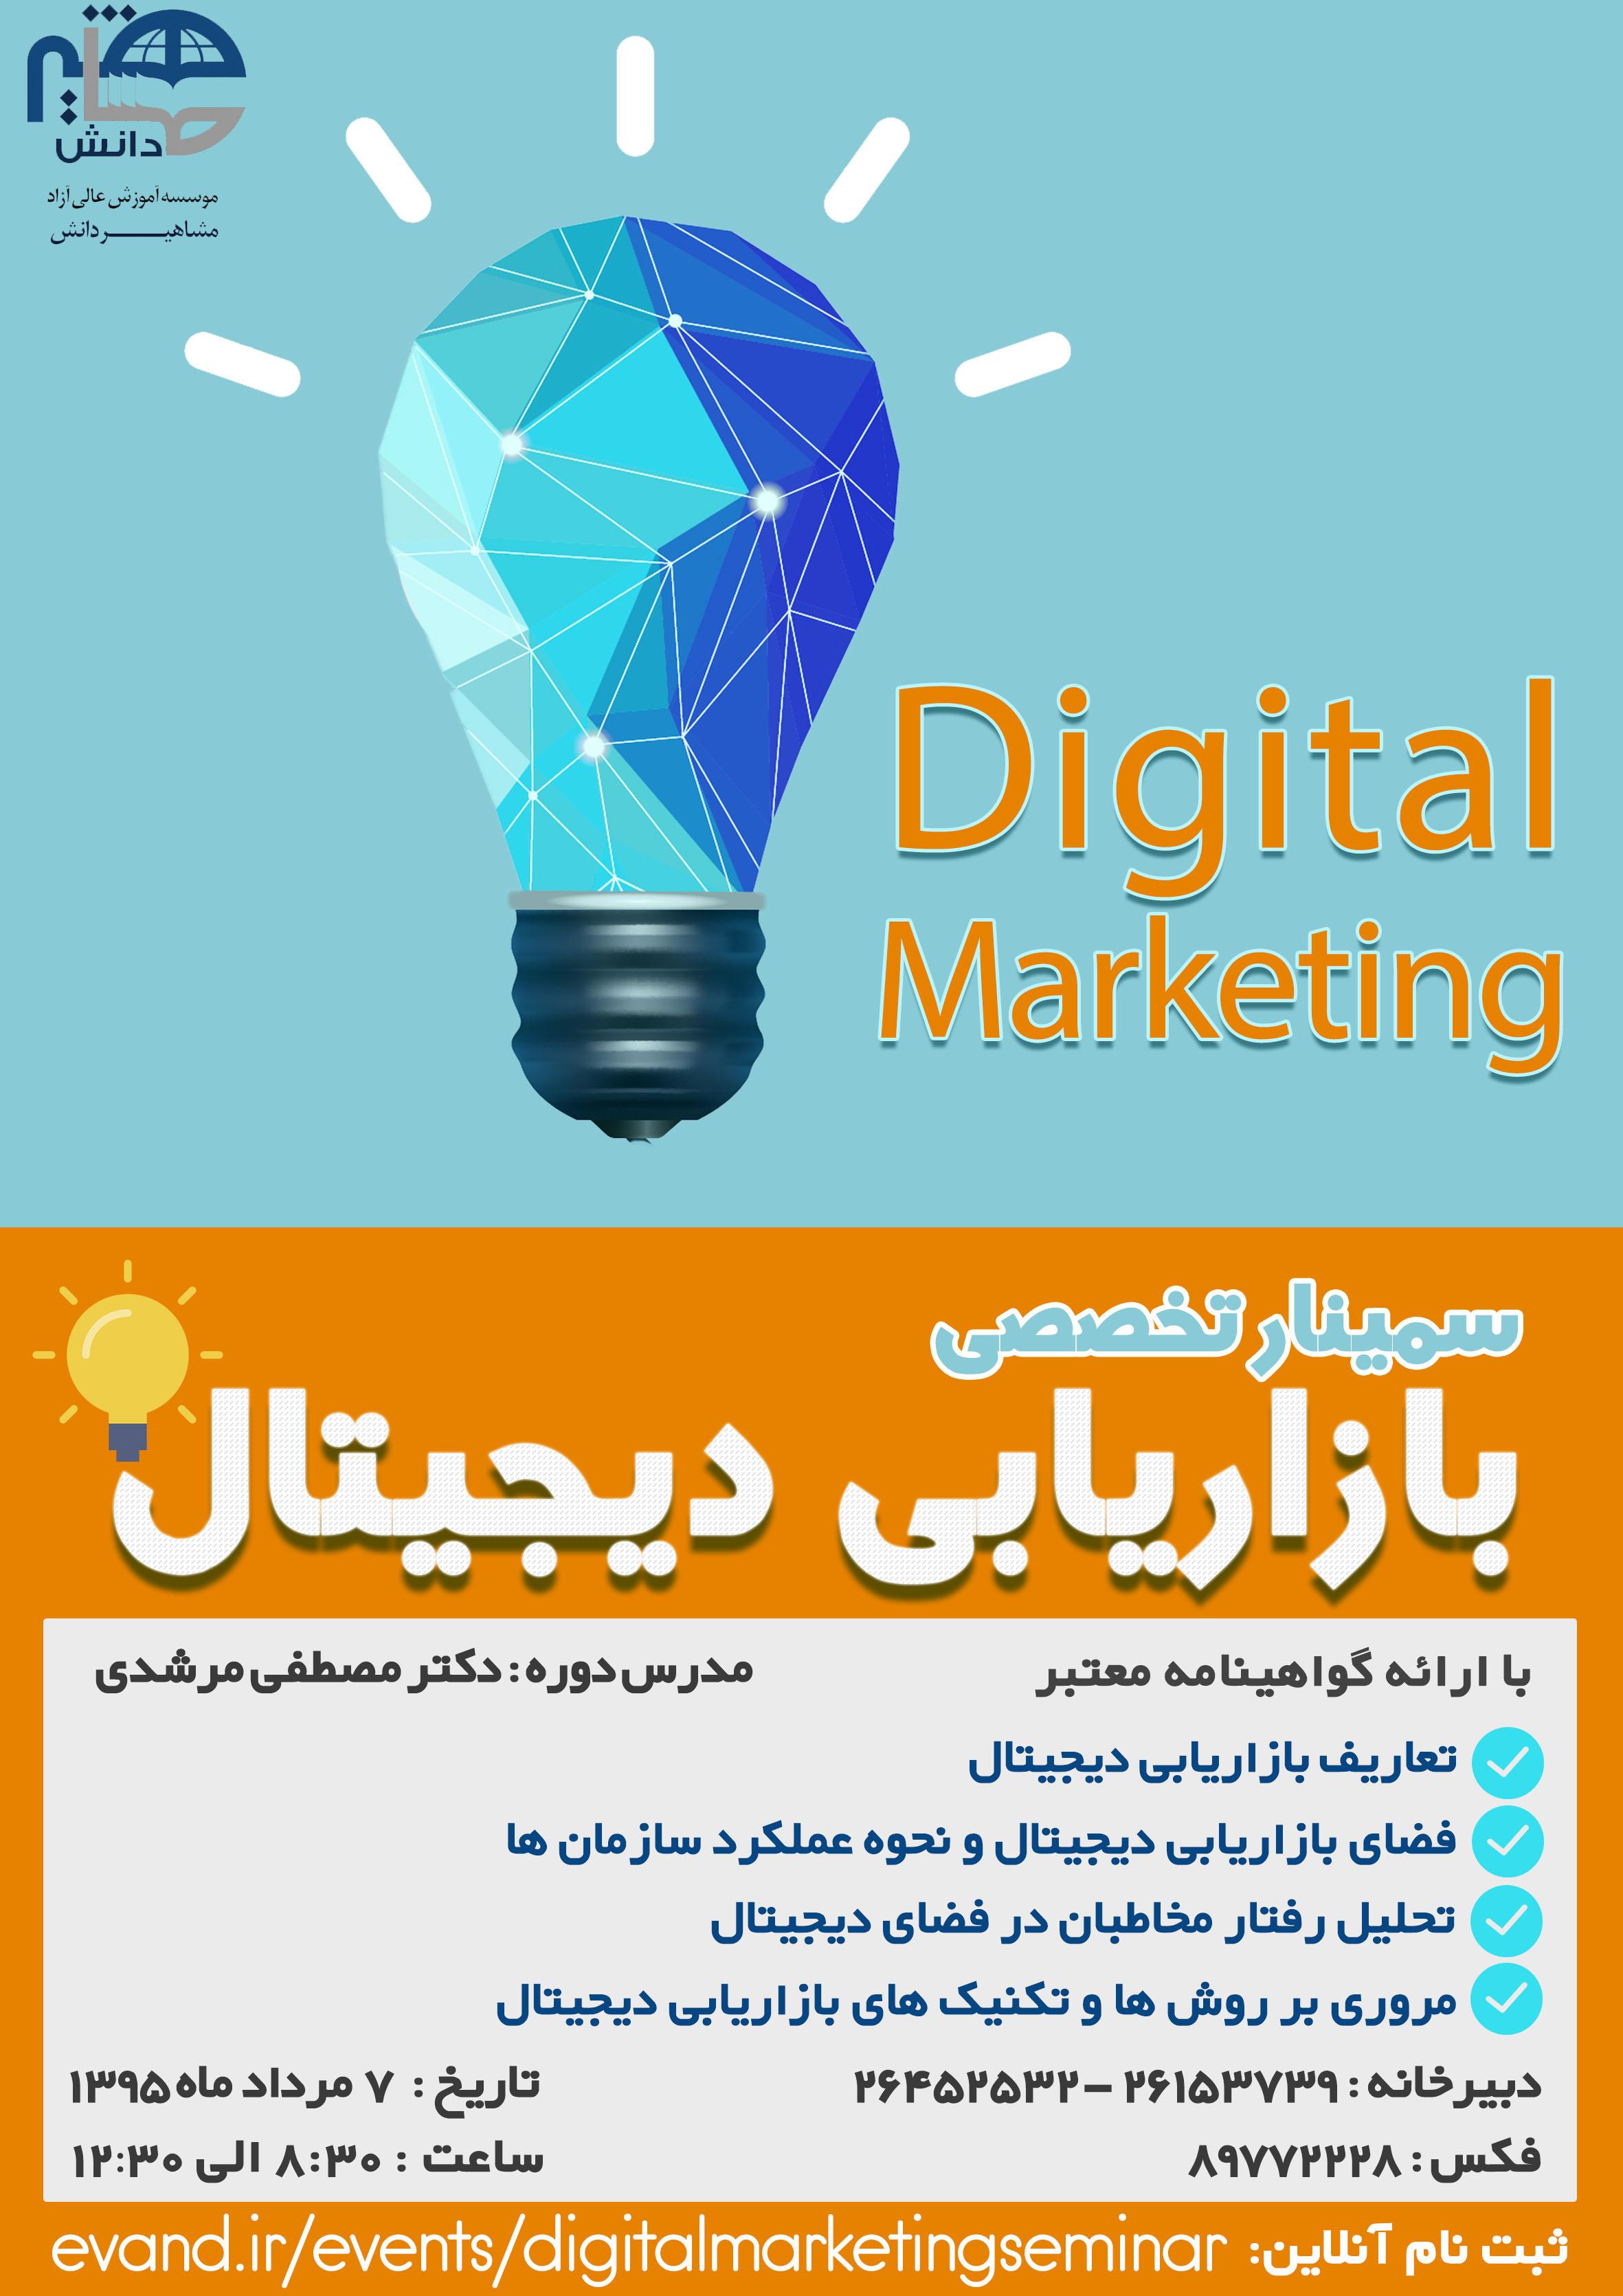 پوستر بازاریابی دیجیتال